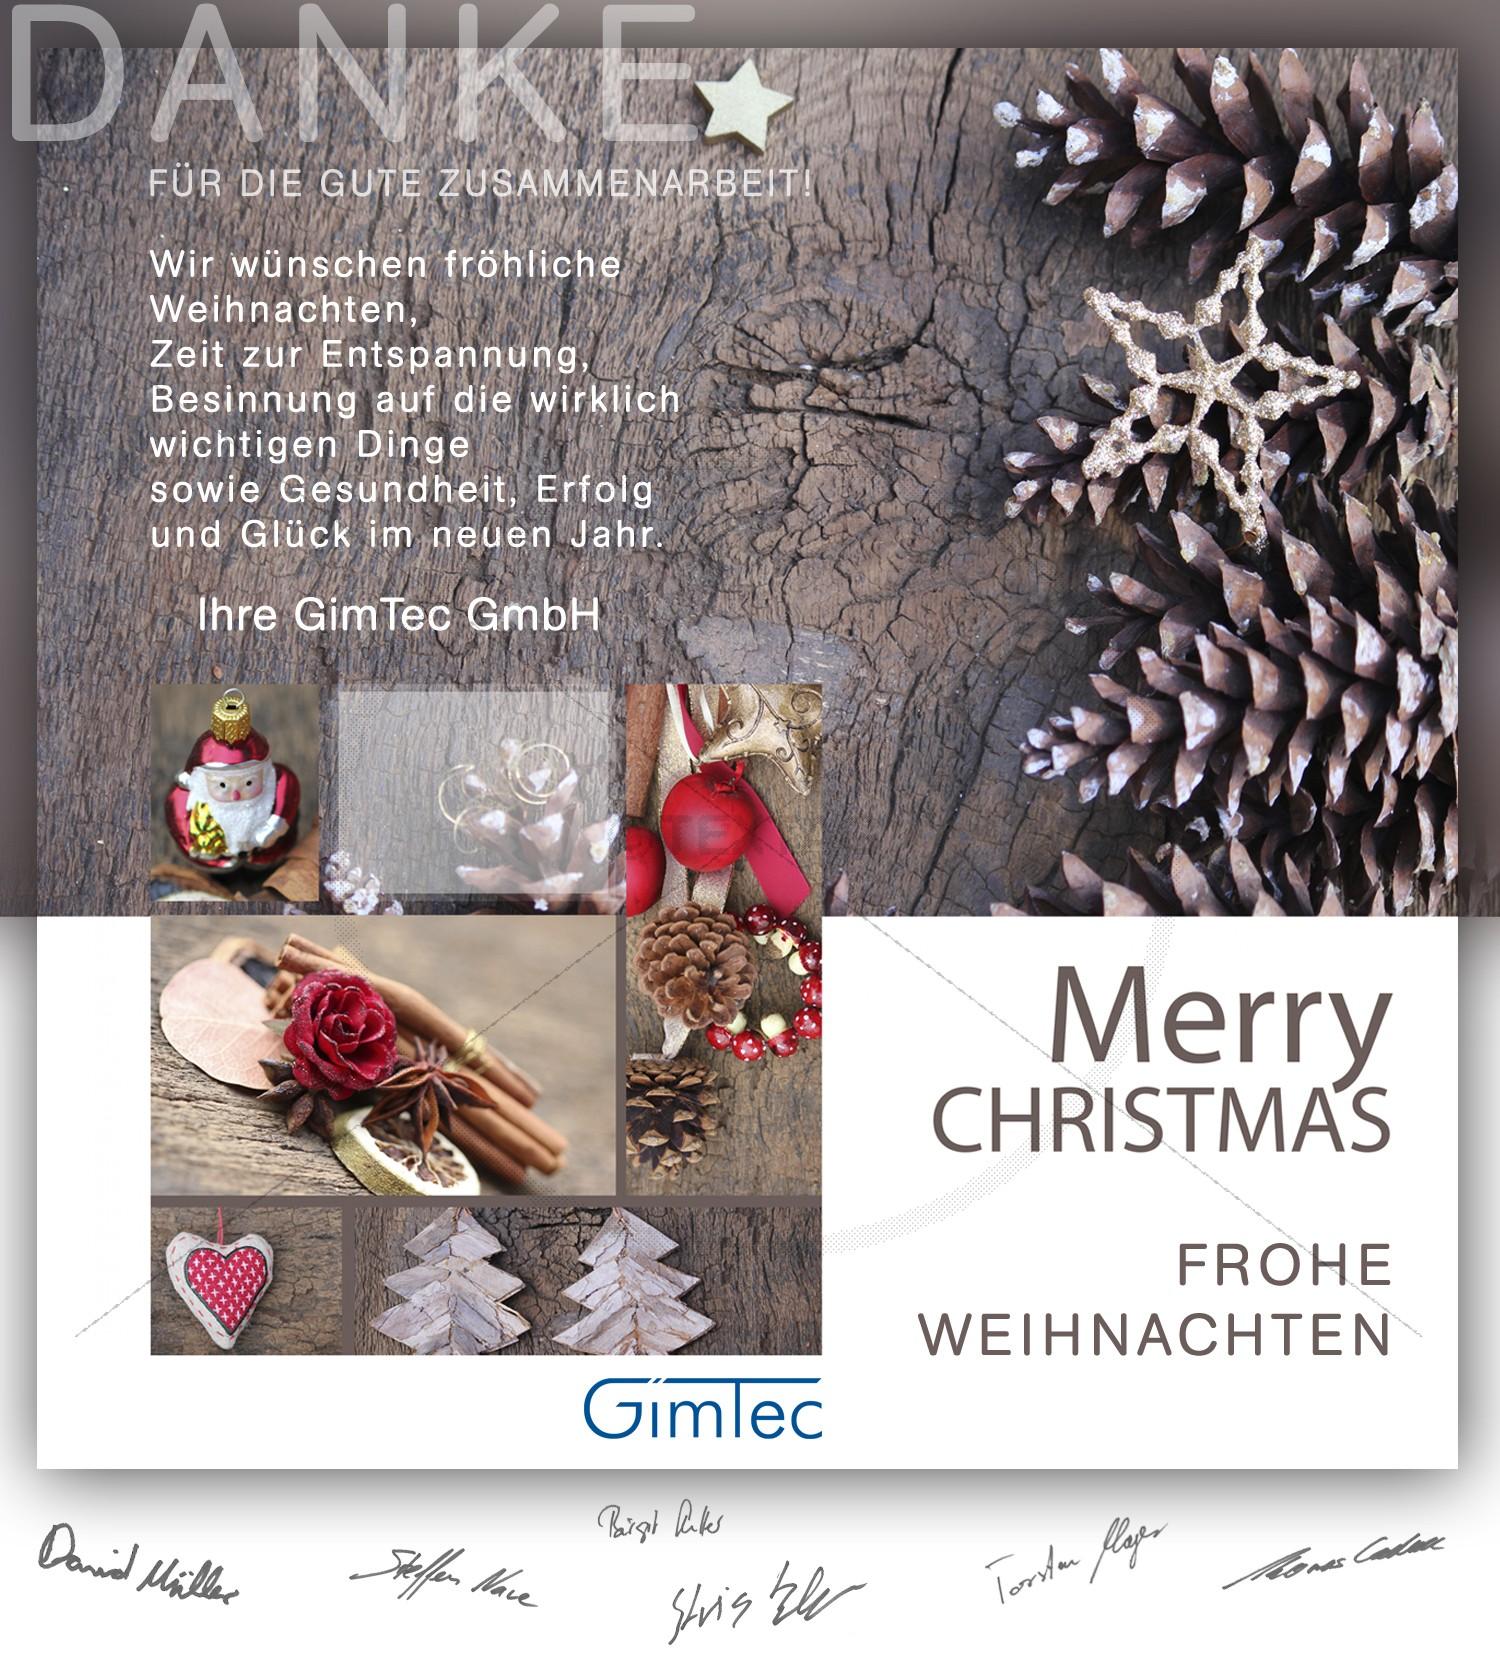 Grafik & Design Referenzen: Werbefreie Weihnachts-E-Card